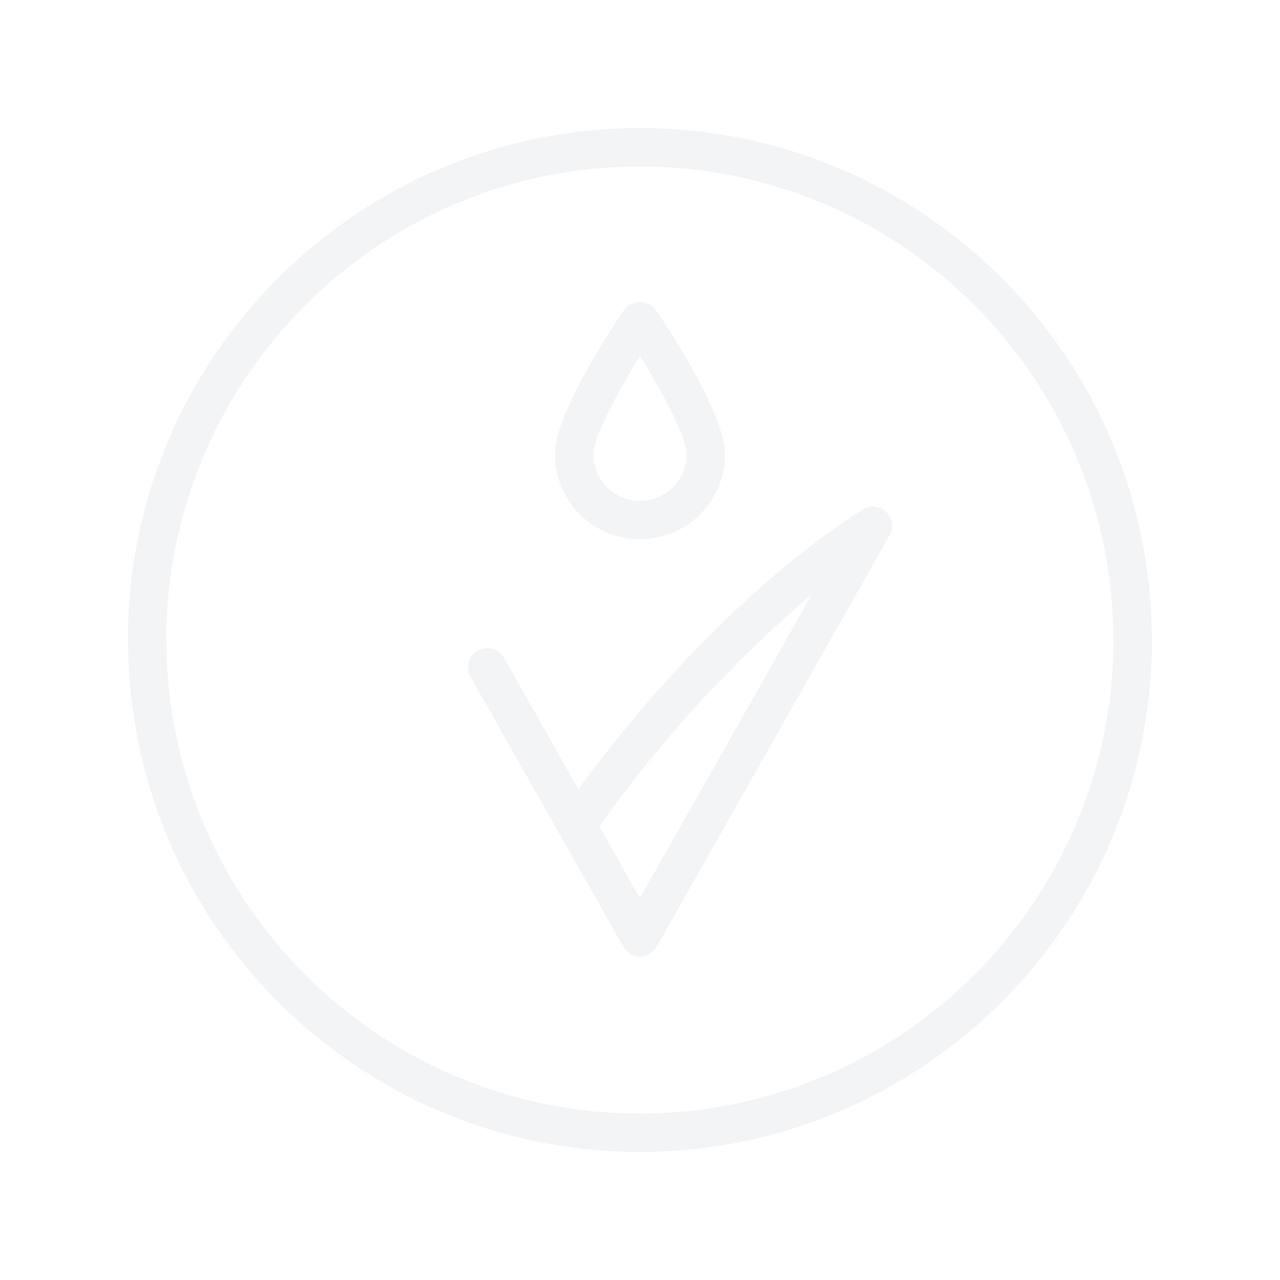 BIOKAP Nutricolor 4.06 Coffee Brown Permanent Hair Dye 140ml